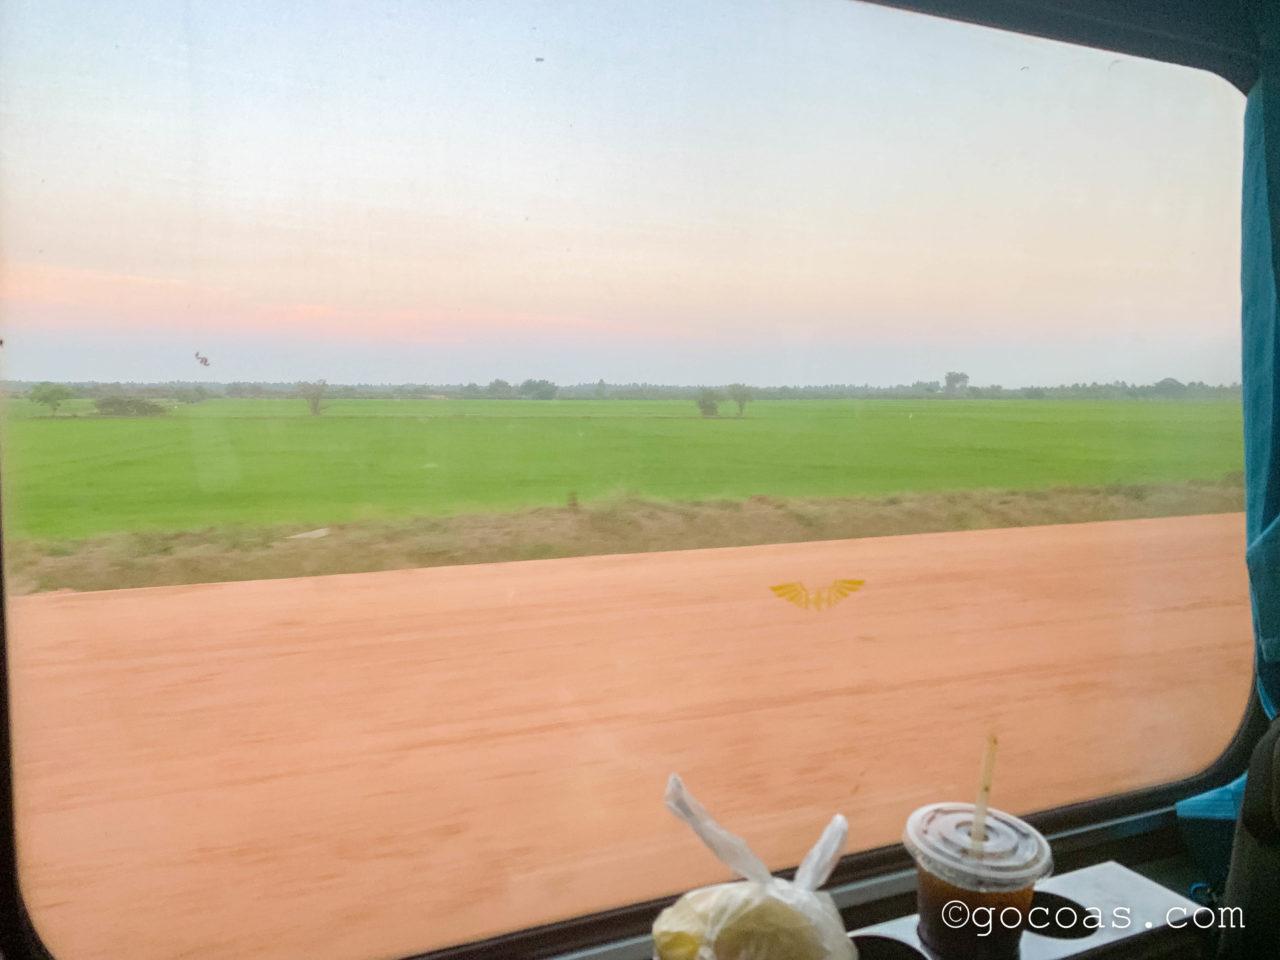 Hua Lamphong駅で乗った電車内の座席から見た外の景色